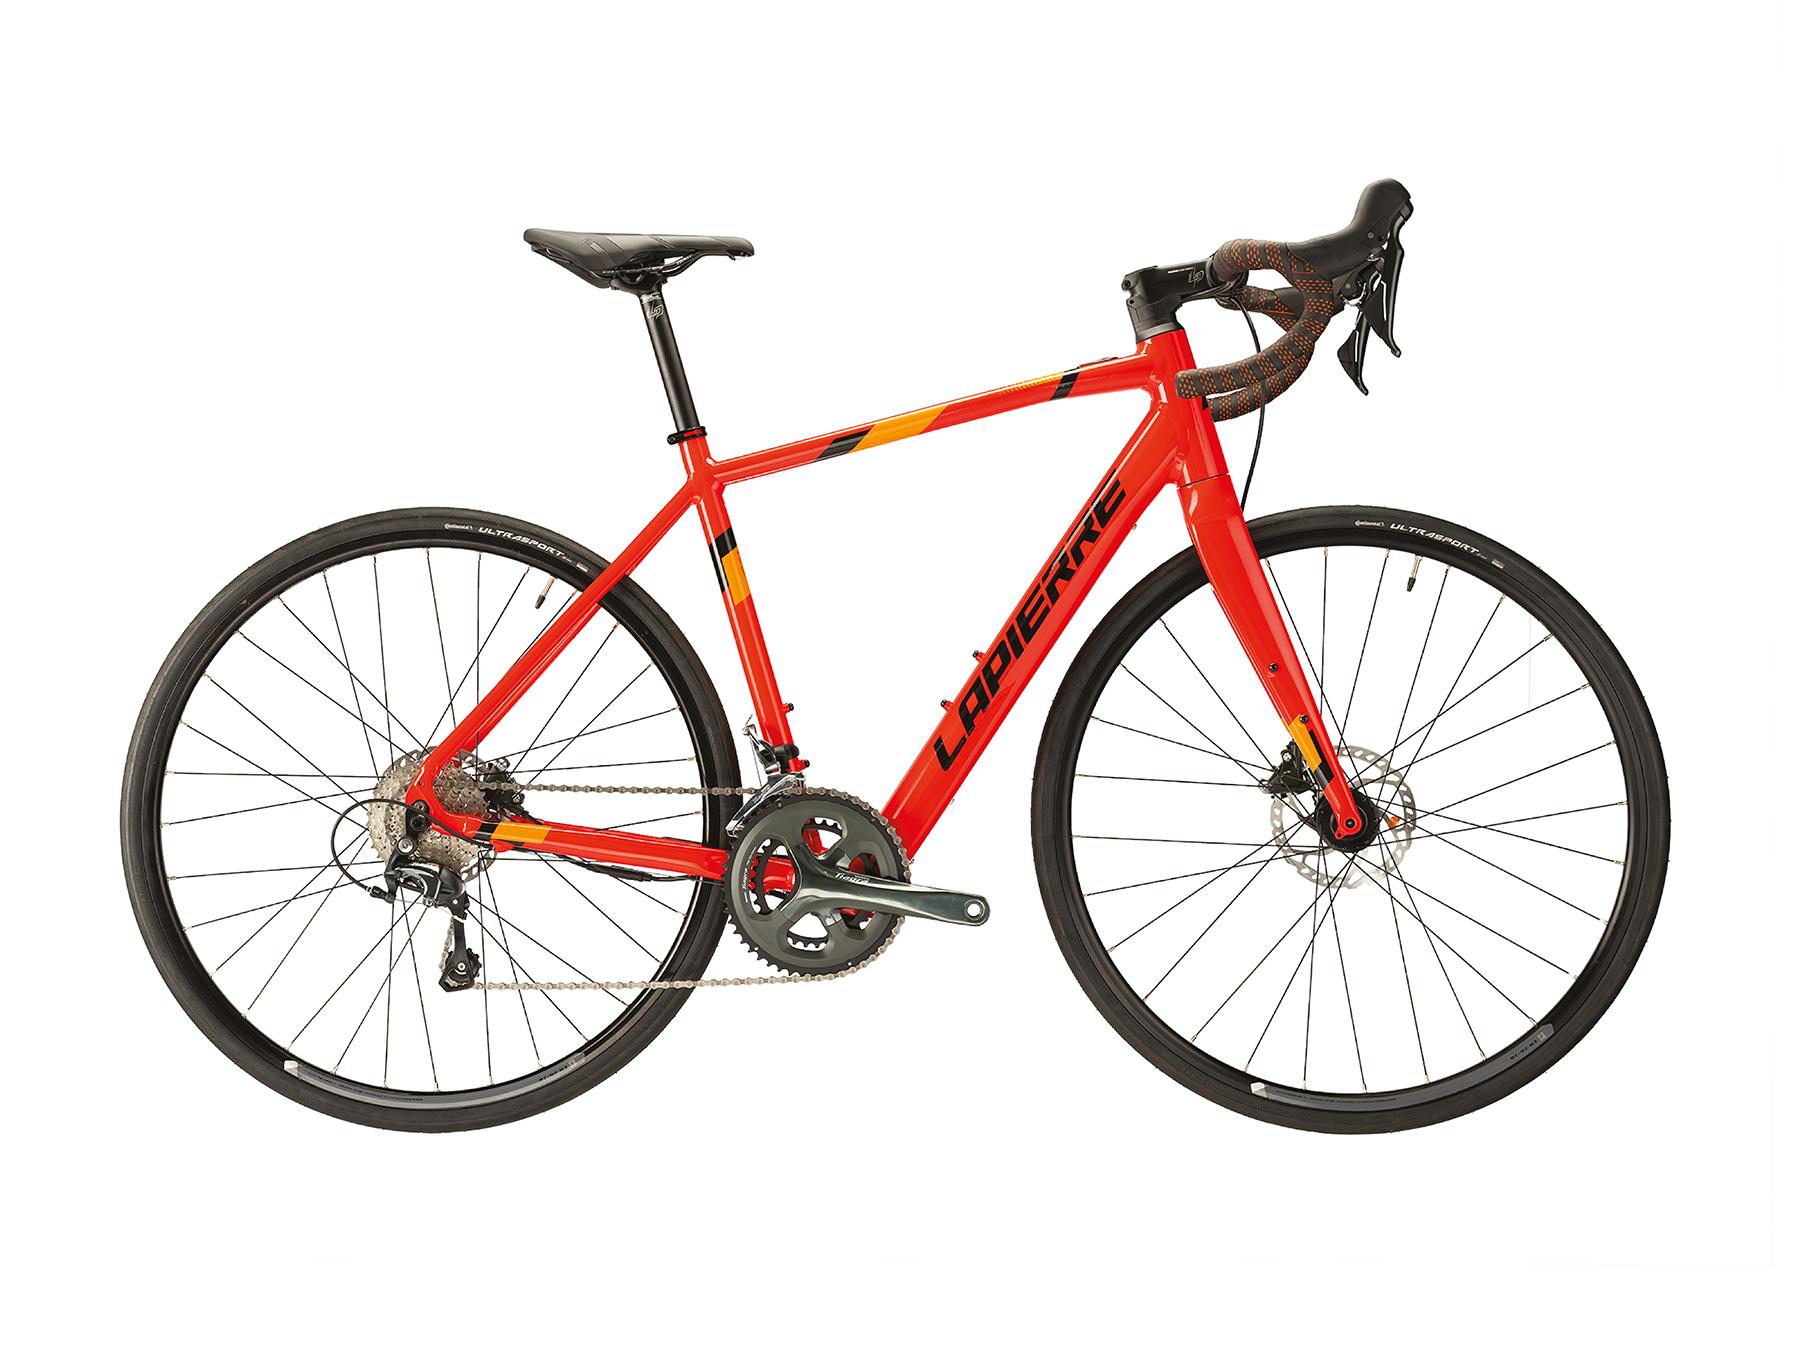 Sélection de Vélos Lapierre en promotion - Ex : Vélo eSensium 300 (cycles-lapierre.fr)